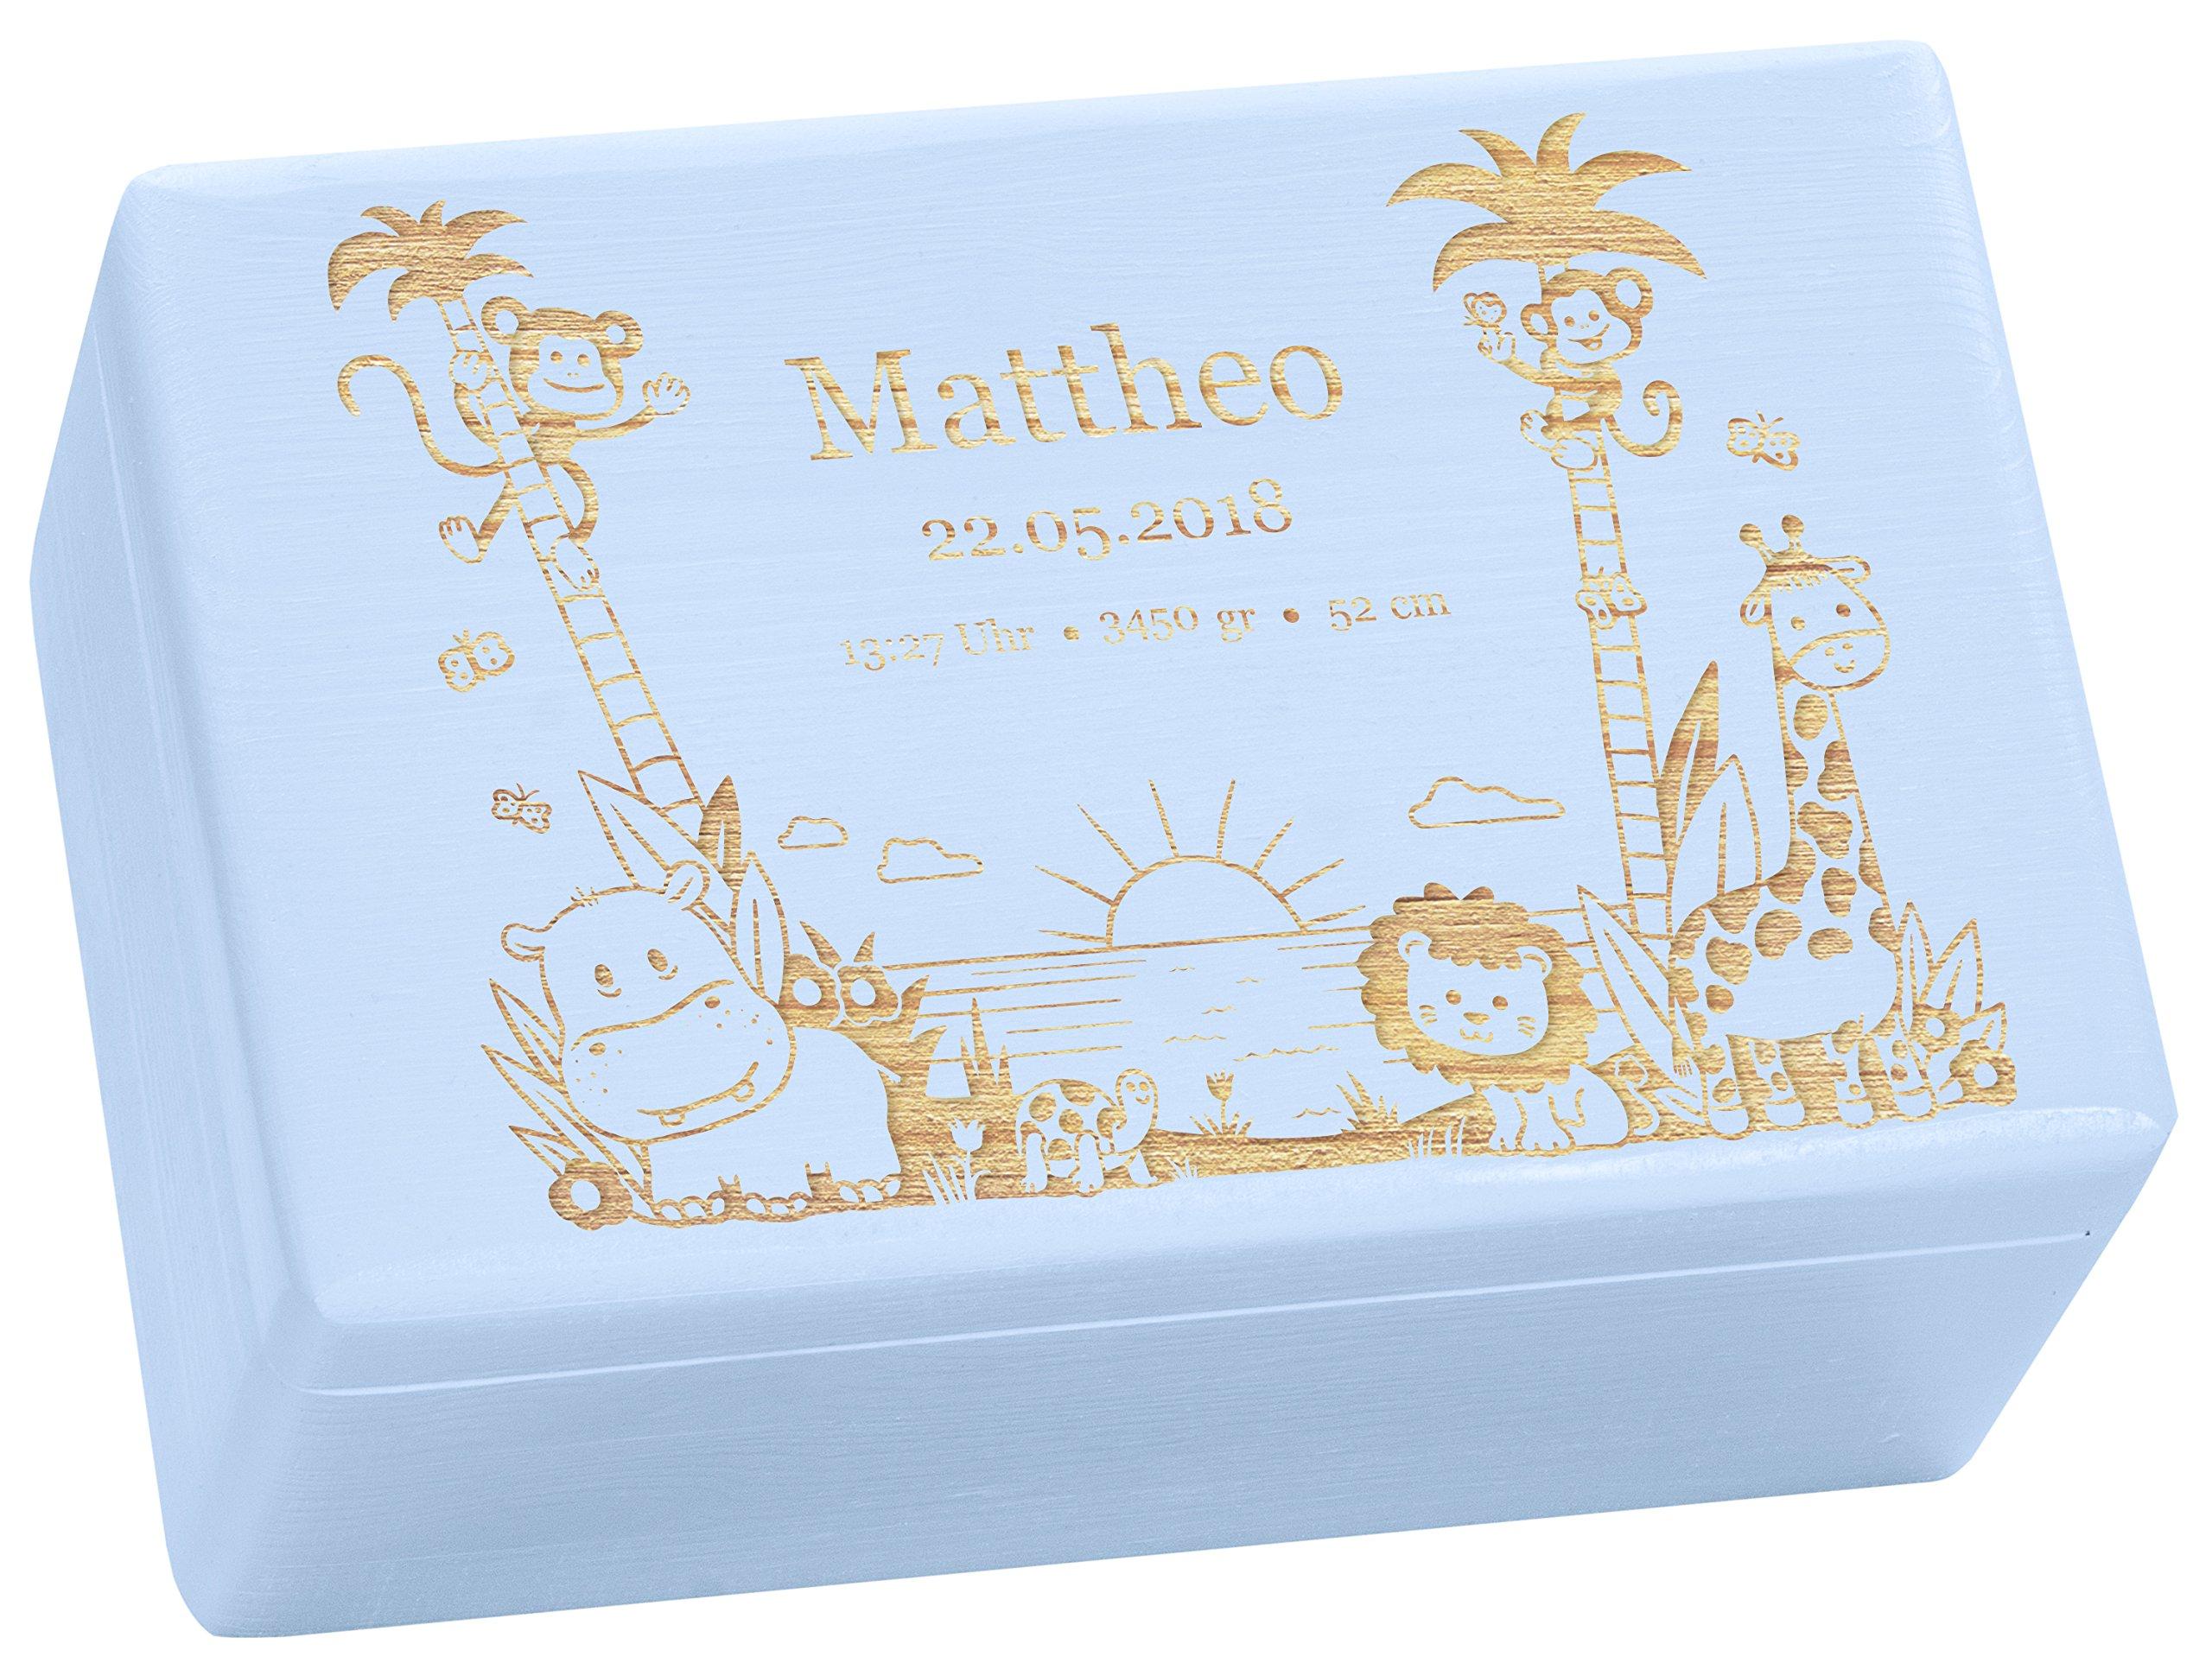 Holzkiste mit Gravur - Personalisiert mit ❤ GEBURTSDATEN ❤ - Blau, Größe M - Dschungel Motiv - Erinnerungskiste als…